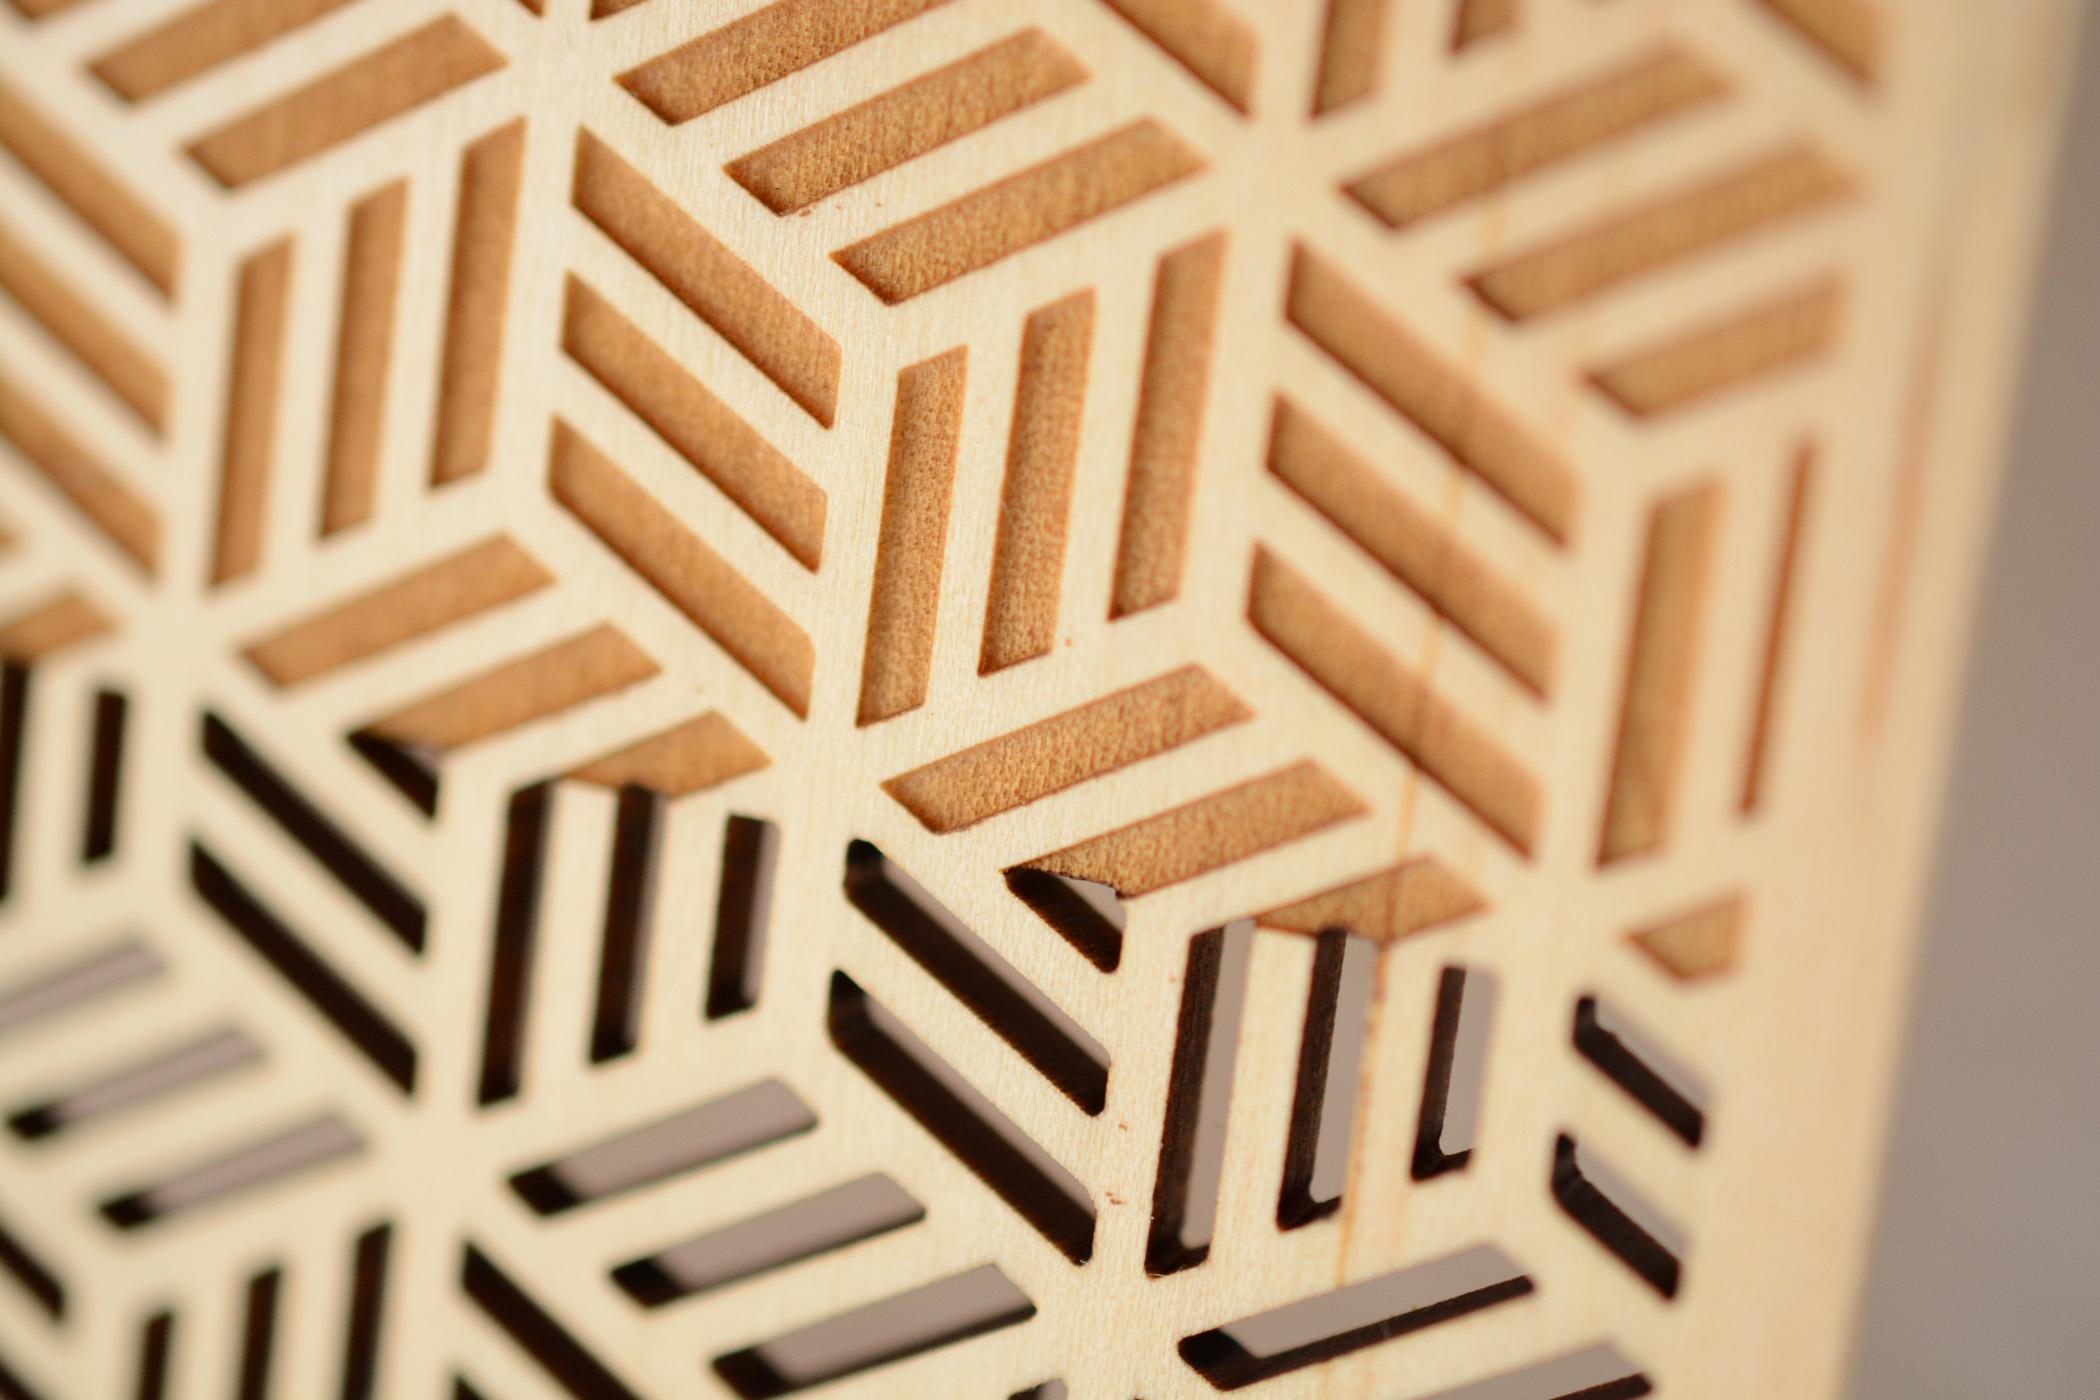 レーザー用木板材10